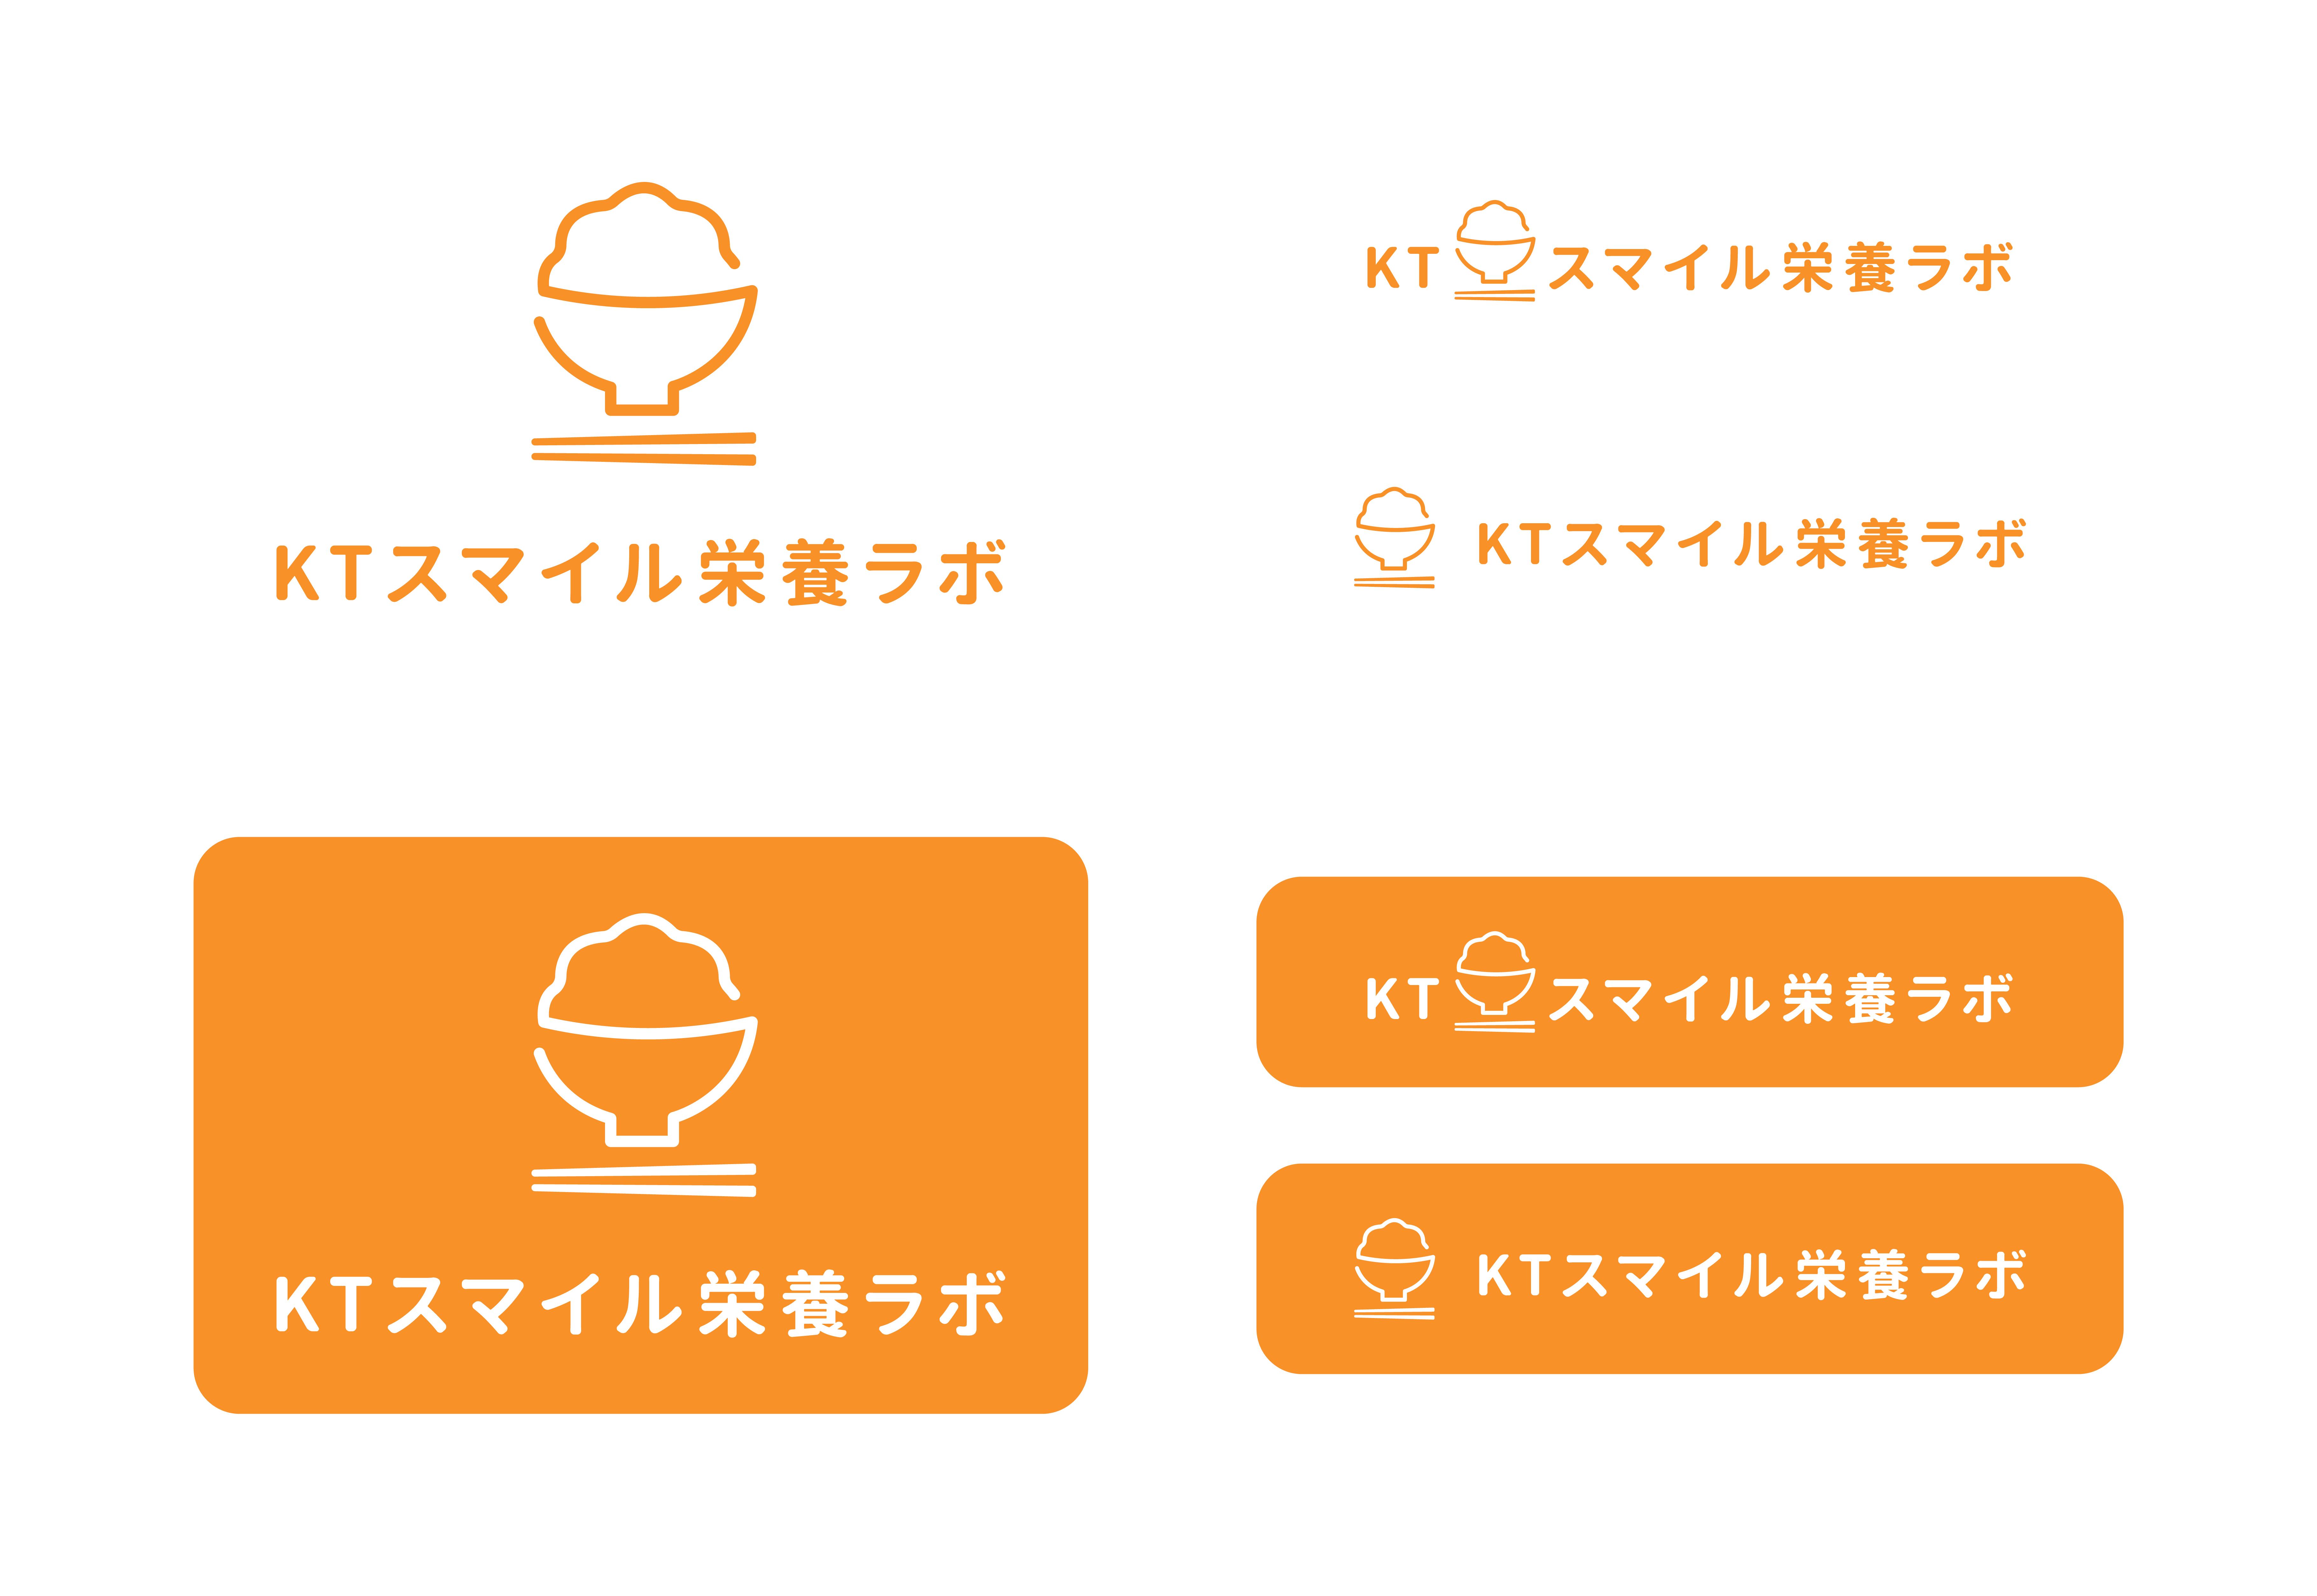 KTスマイル栄養ラボのロゴ